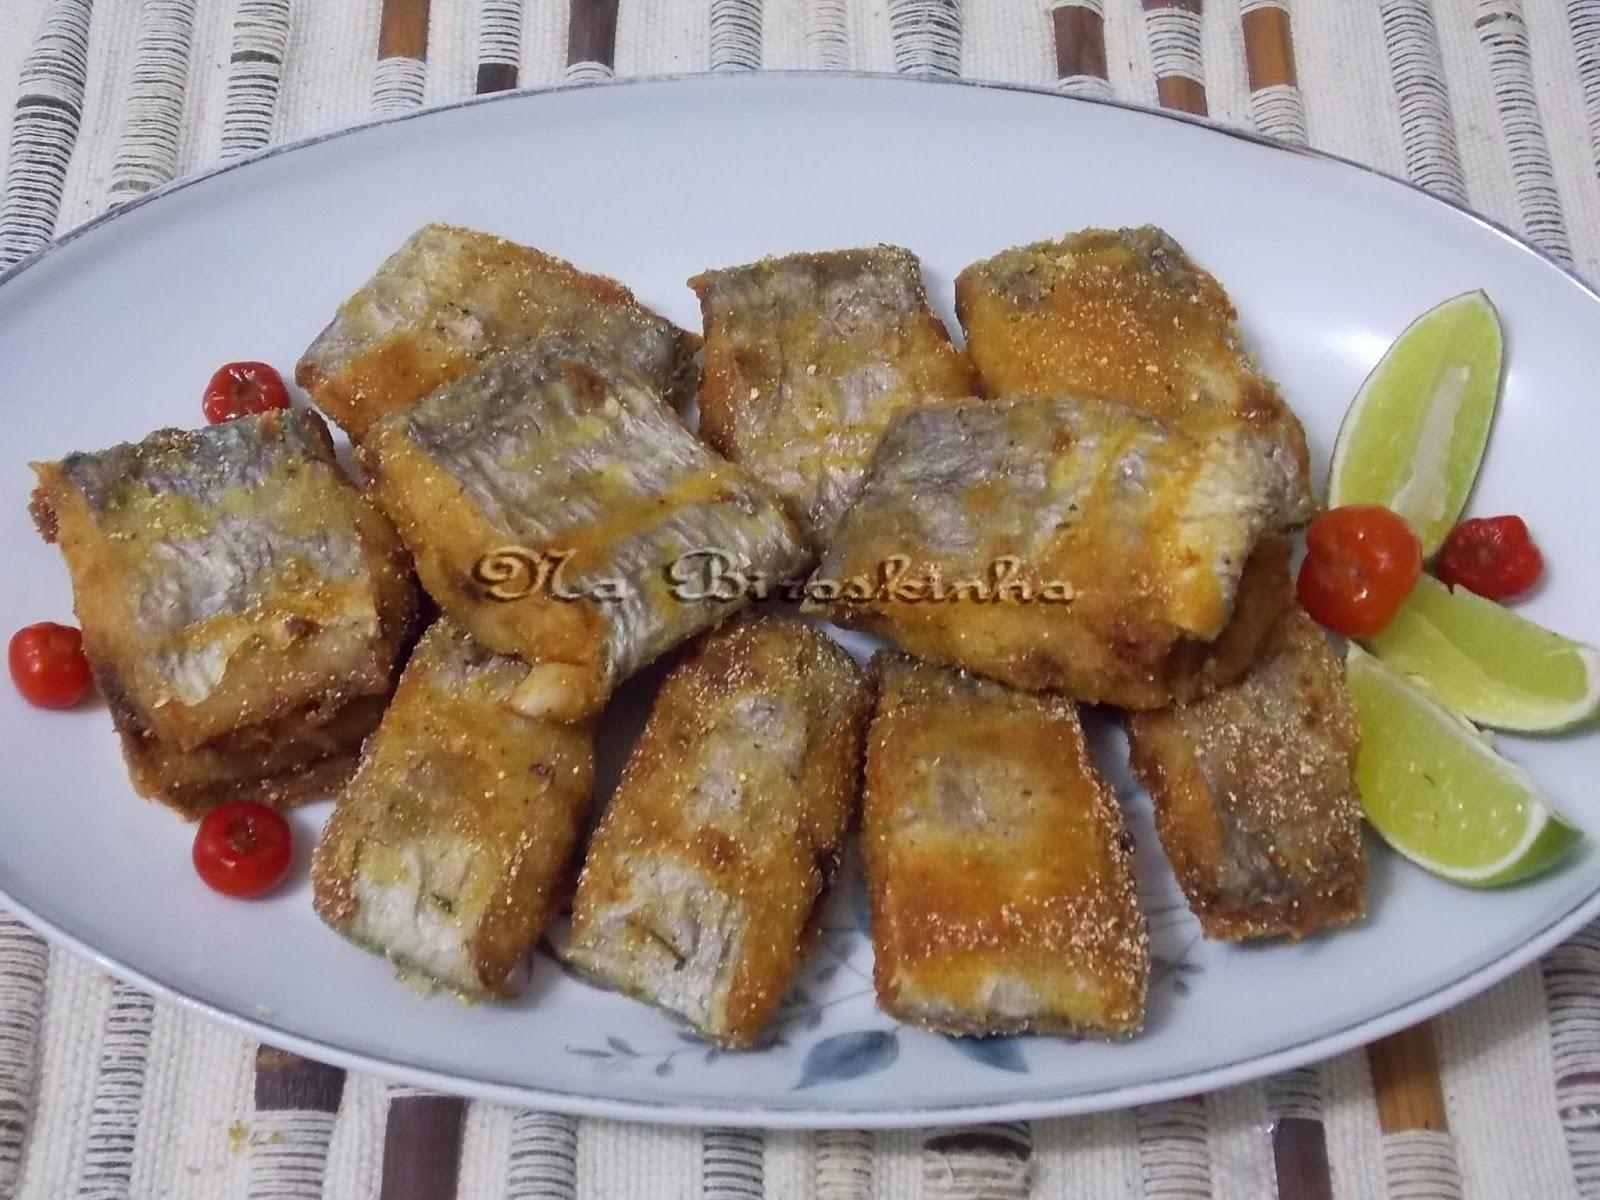 de peixe frito cortado